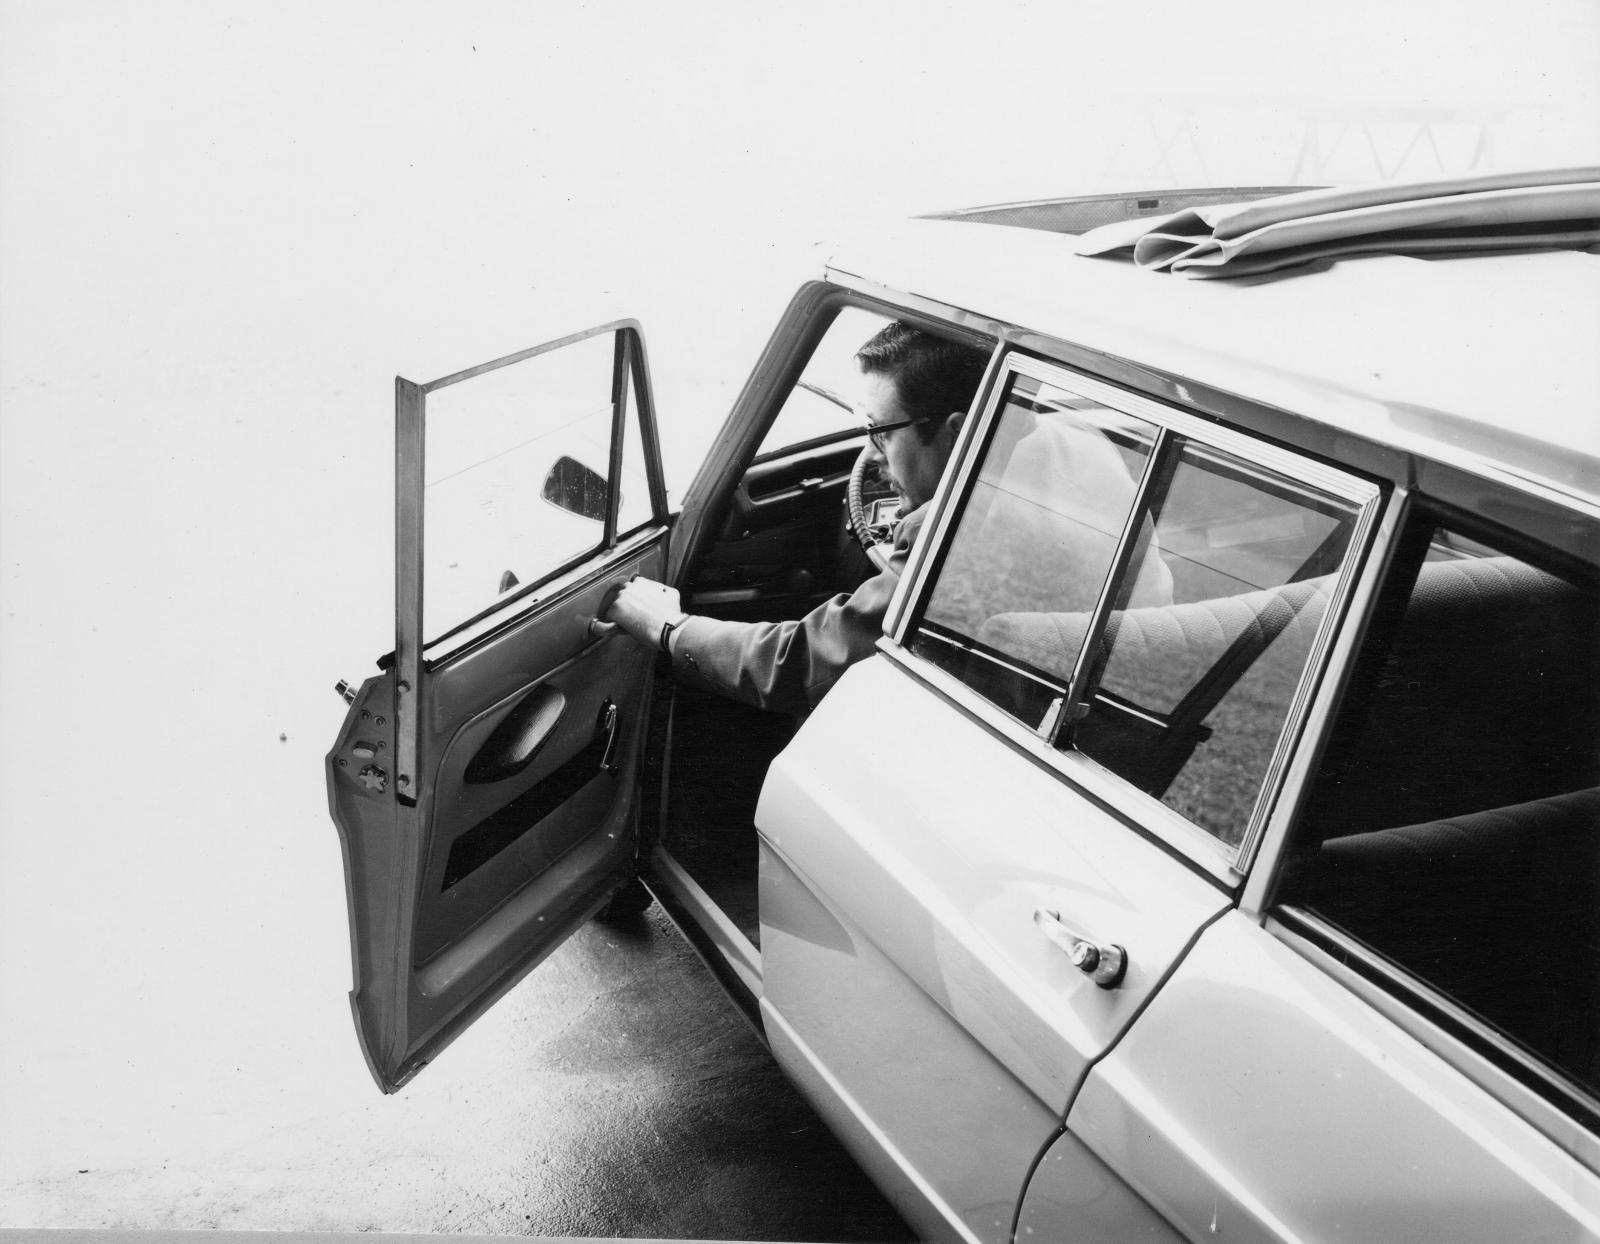 AMI 6 Break 1968